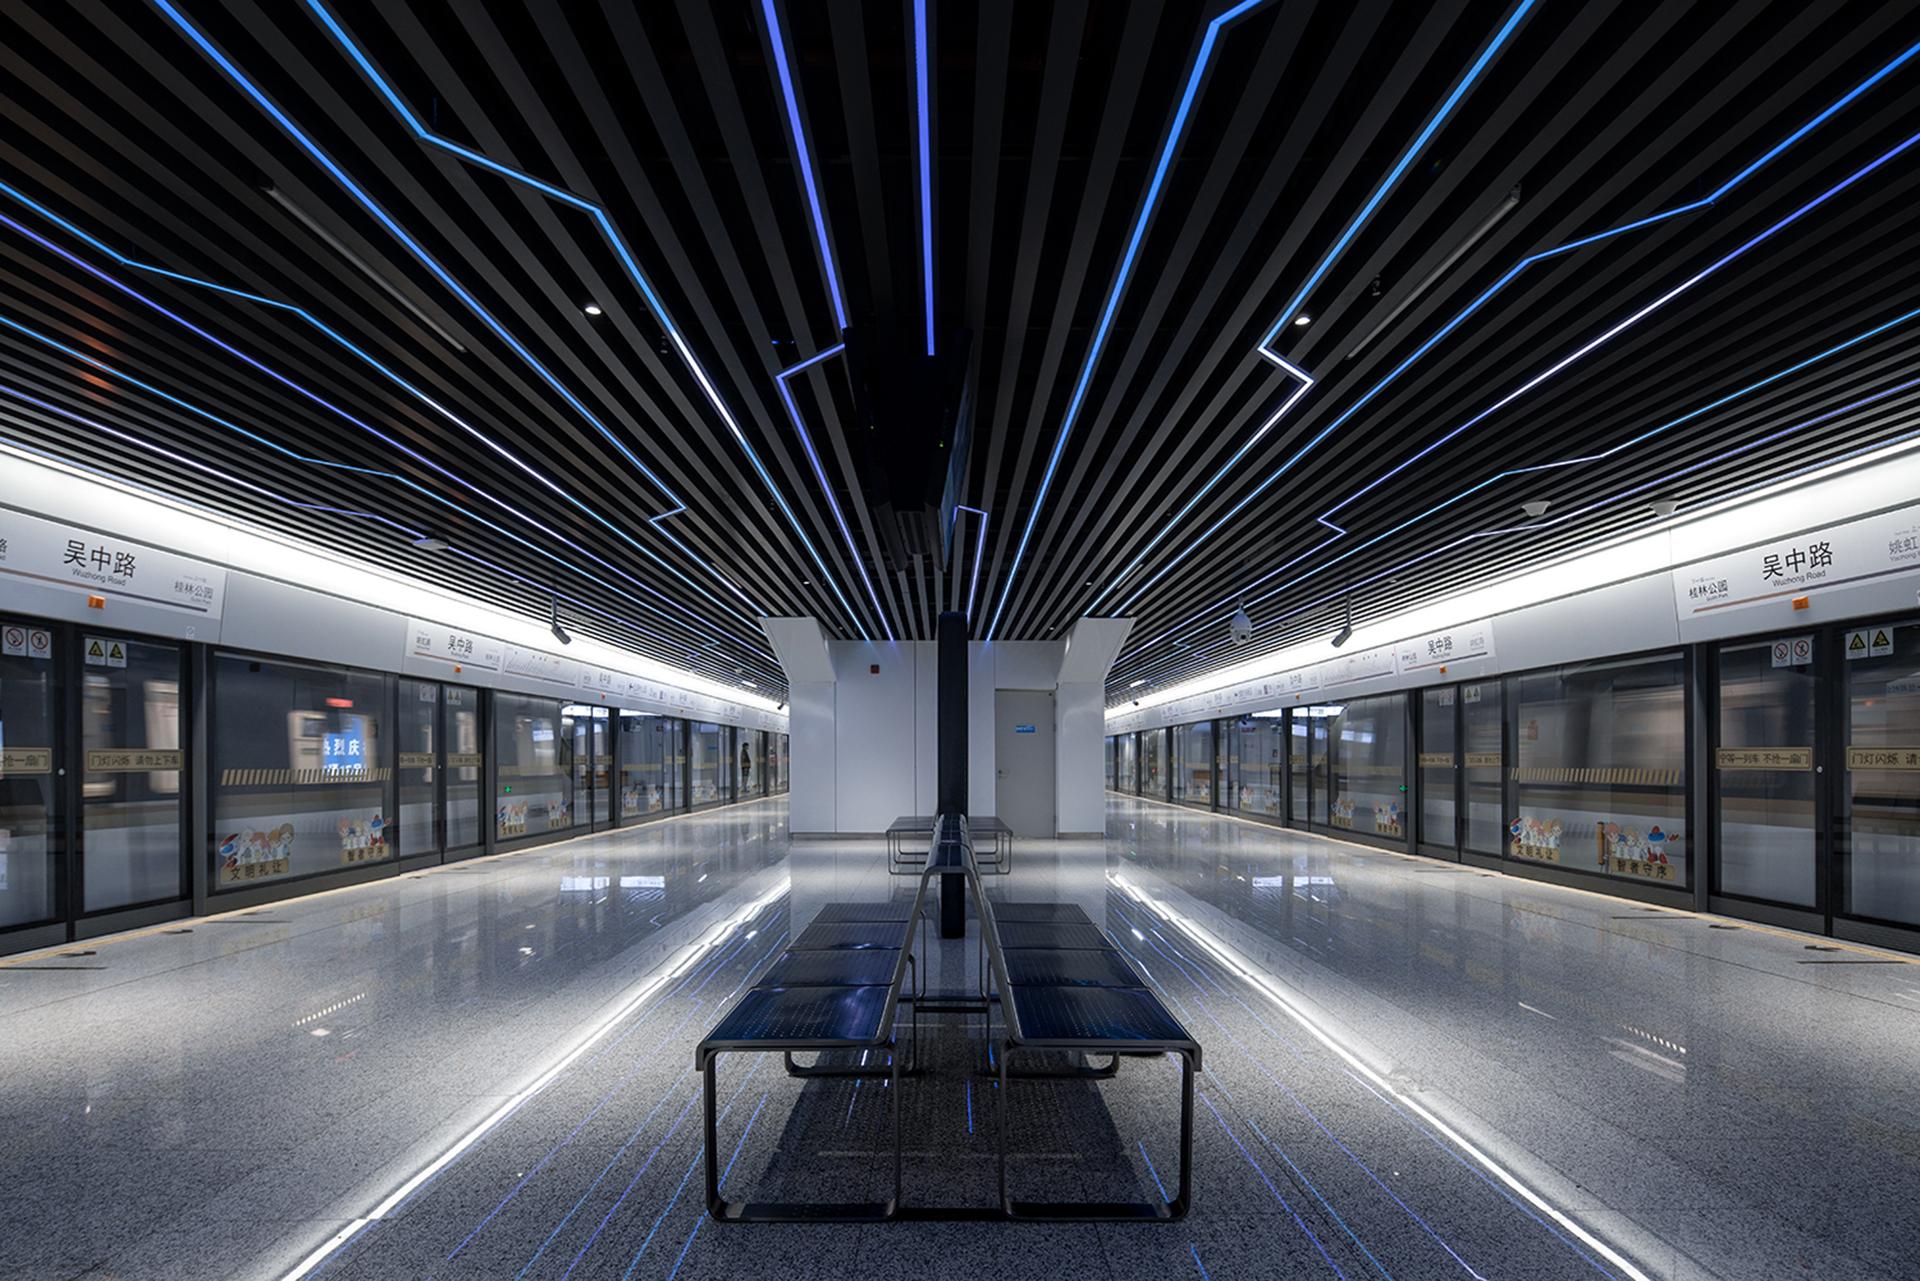 метро в Шанхае фото